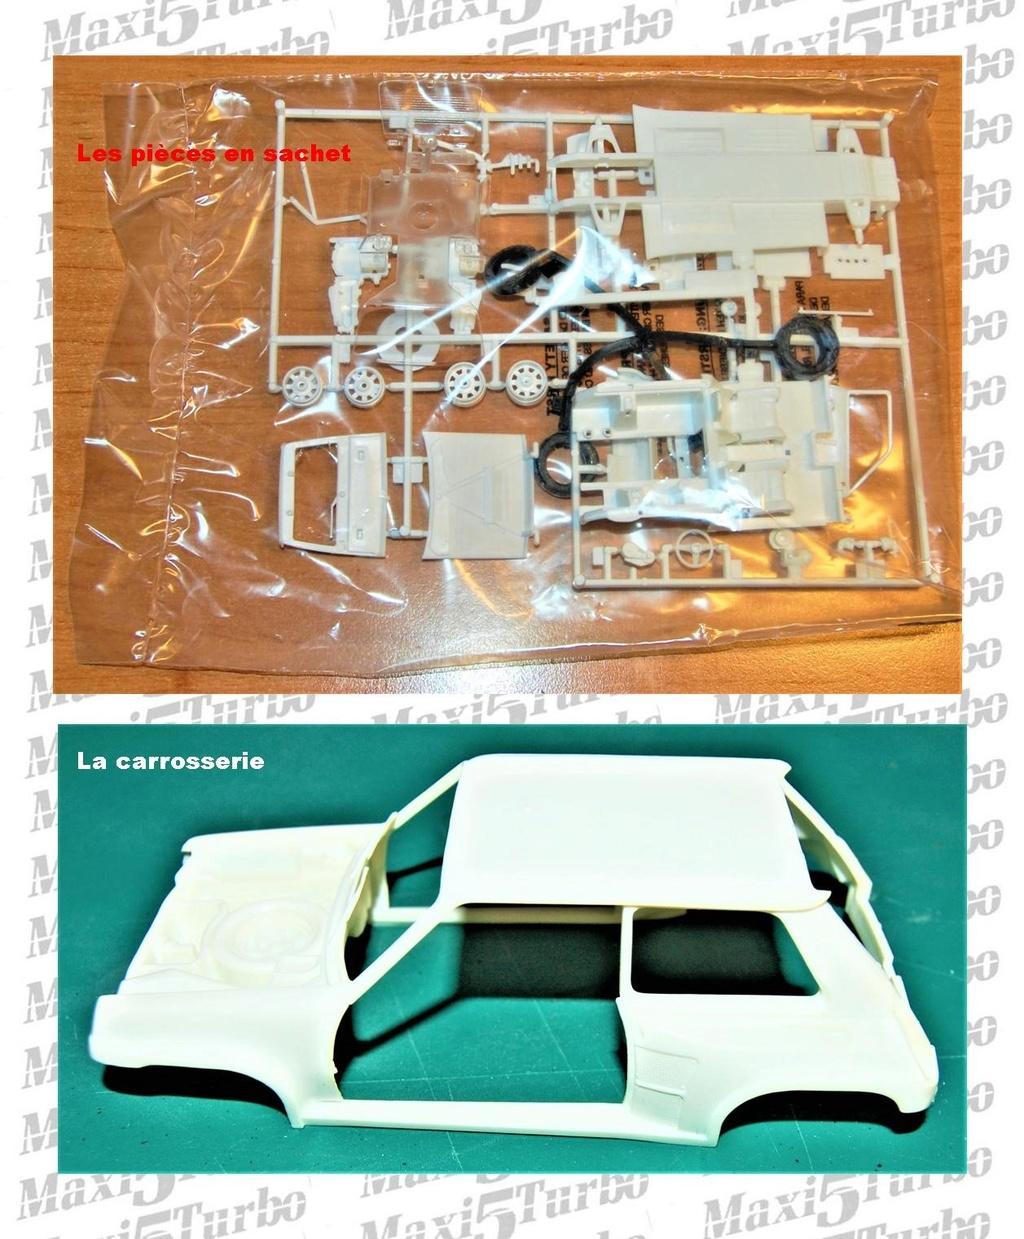 (1/24) Renault 5 Maxi turbo Ref 80717 ( Hors delai ) Image125